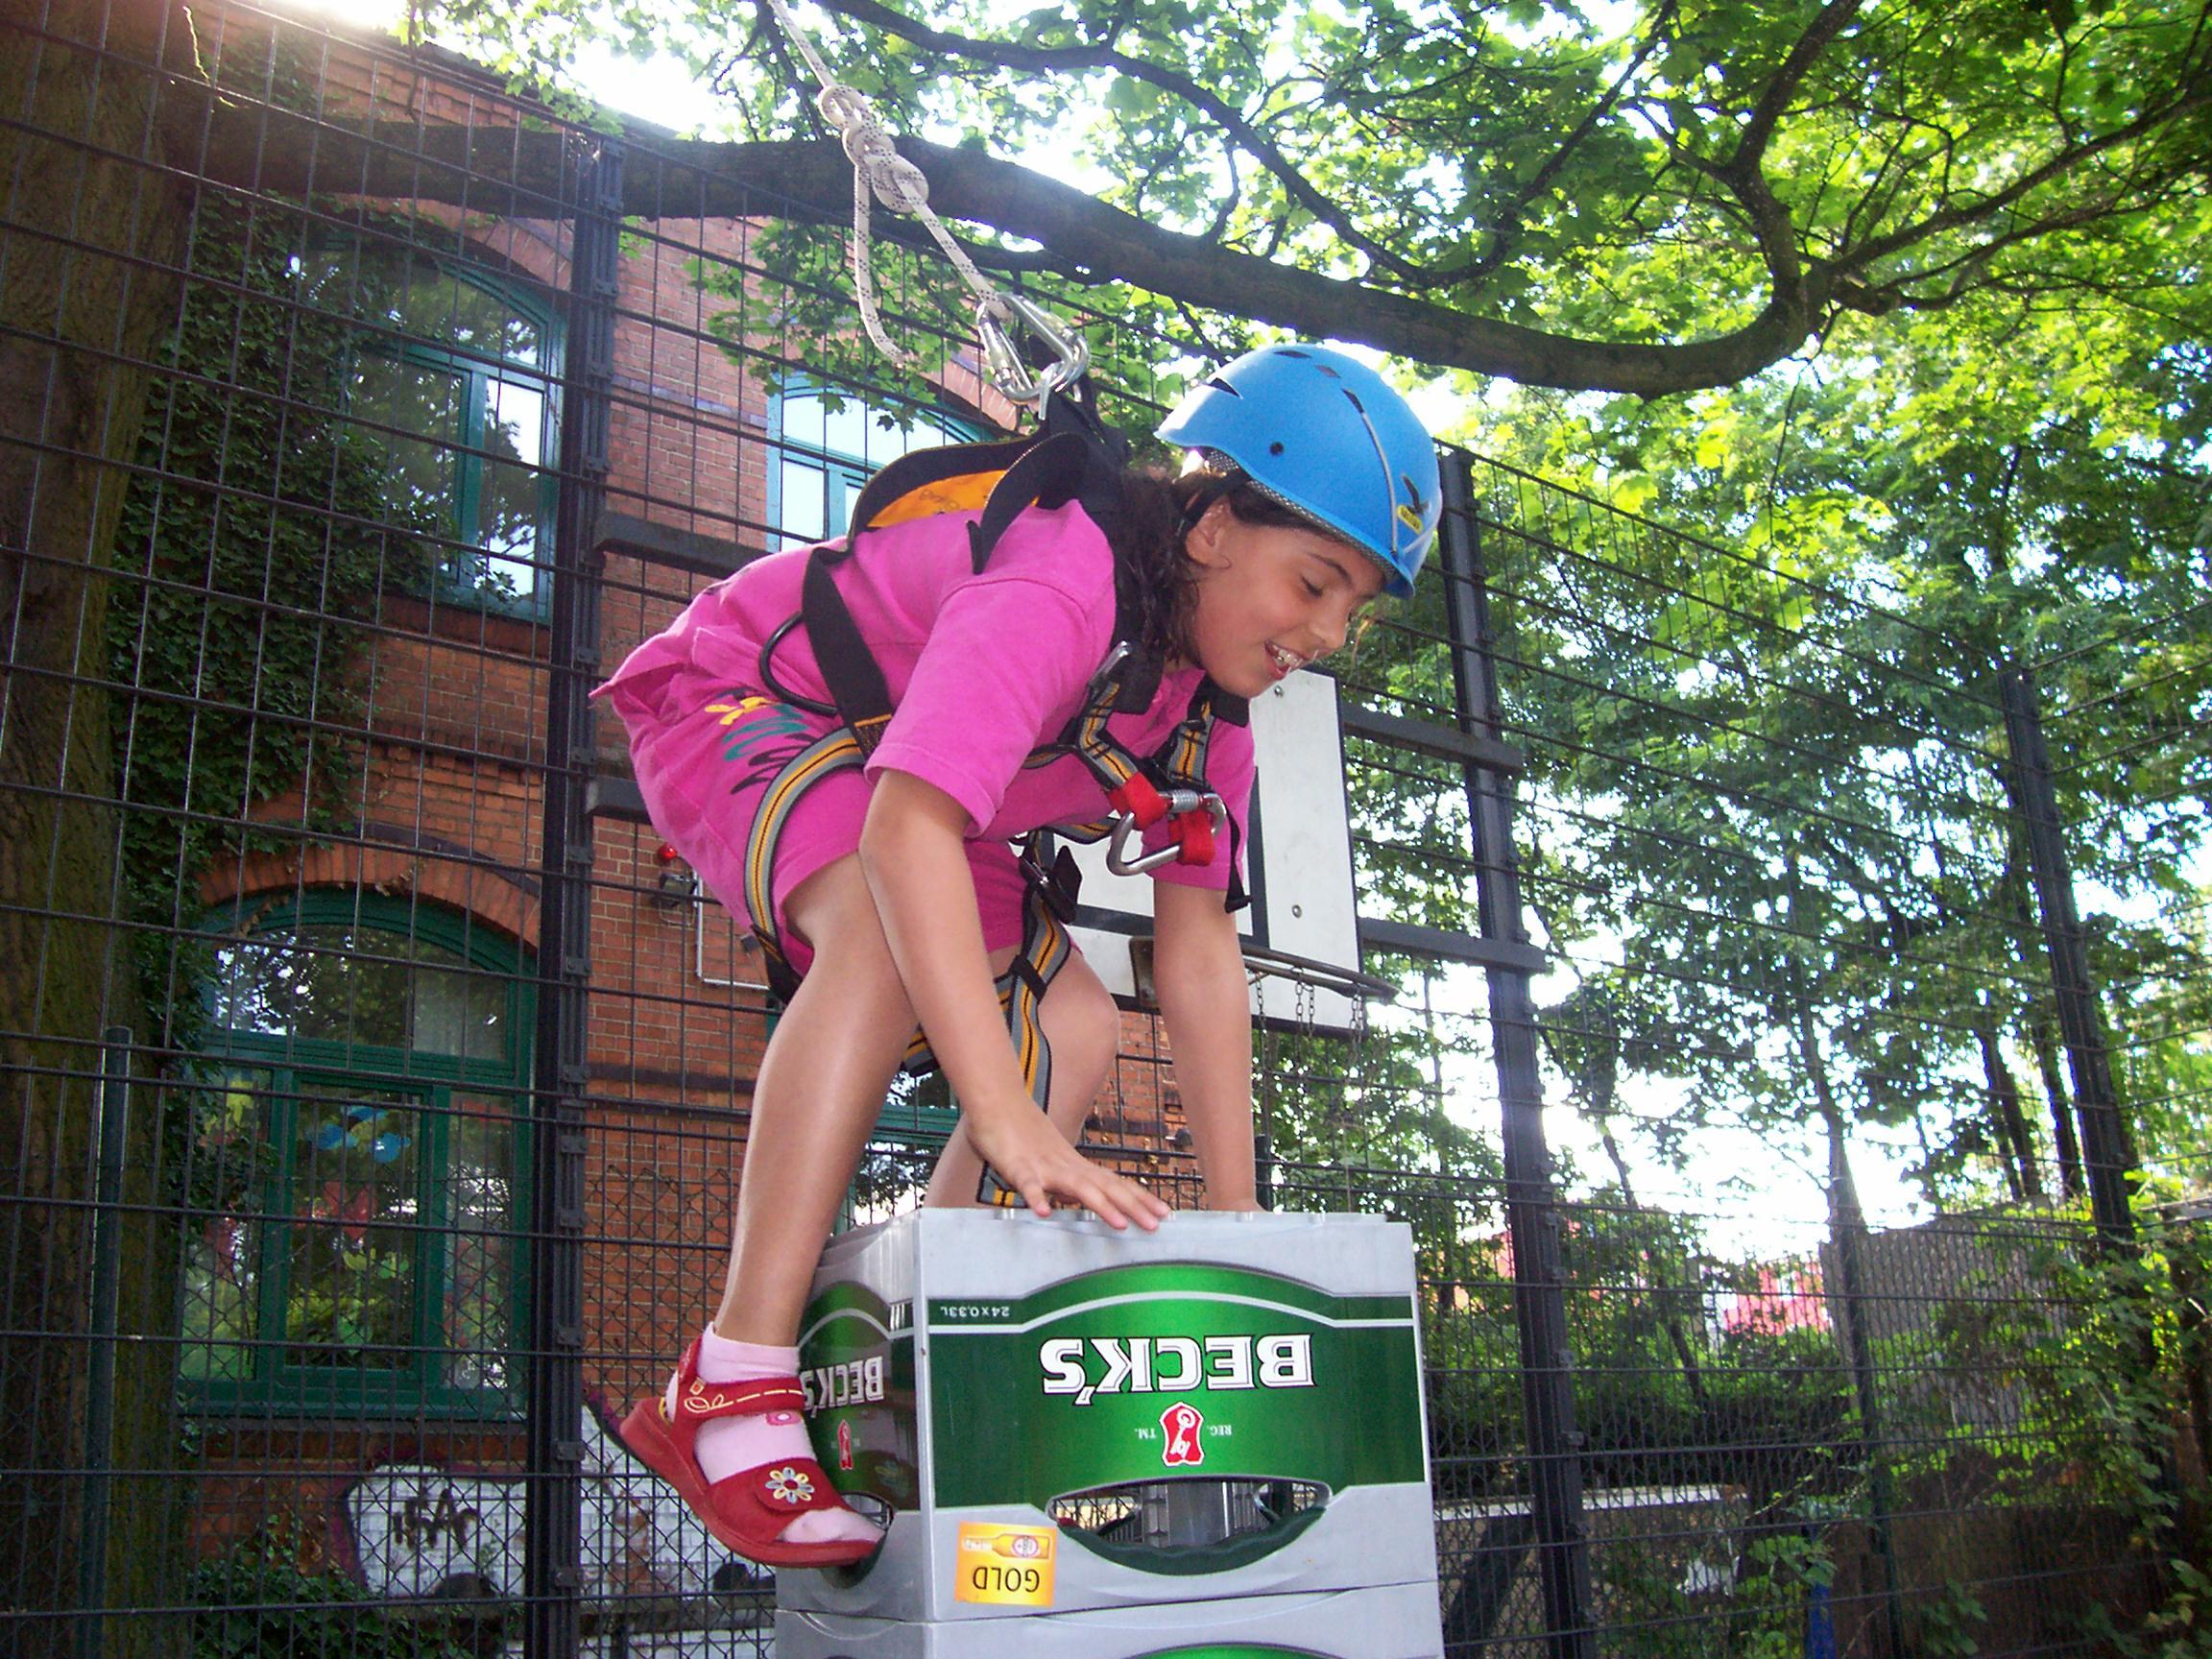 Kletterausrüstung Baum : Kistenklettern u2013 mädchenoase